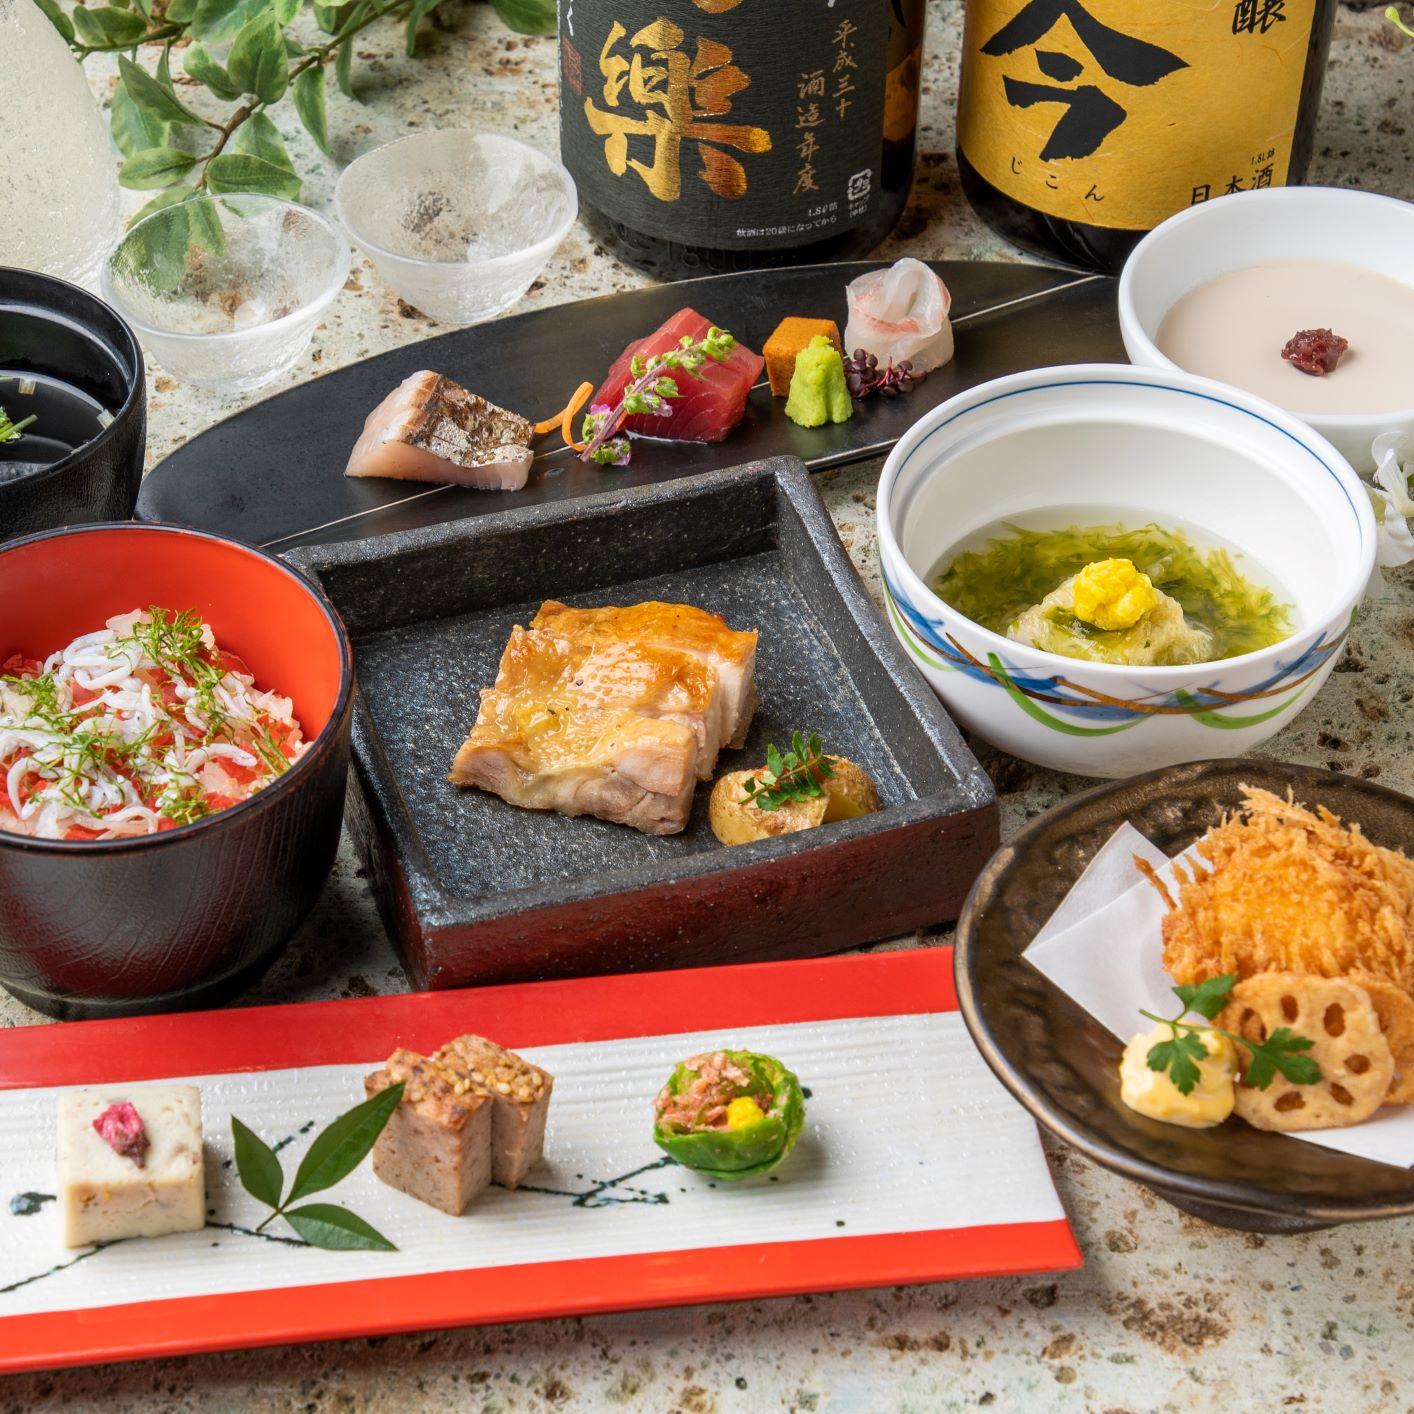 [お料理のみ] つくば鶏と旬菜の厳選会席7品